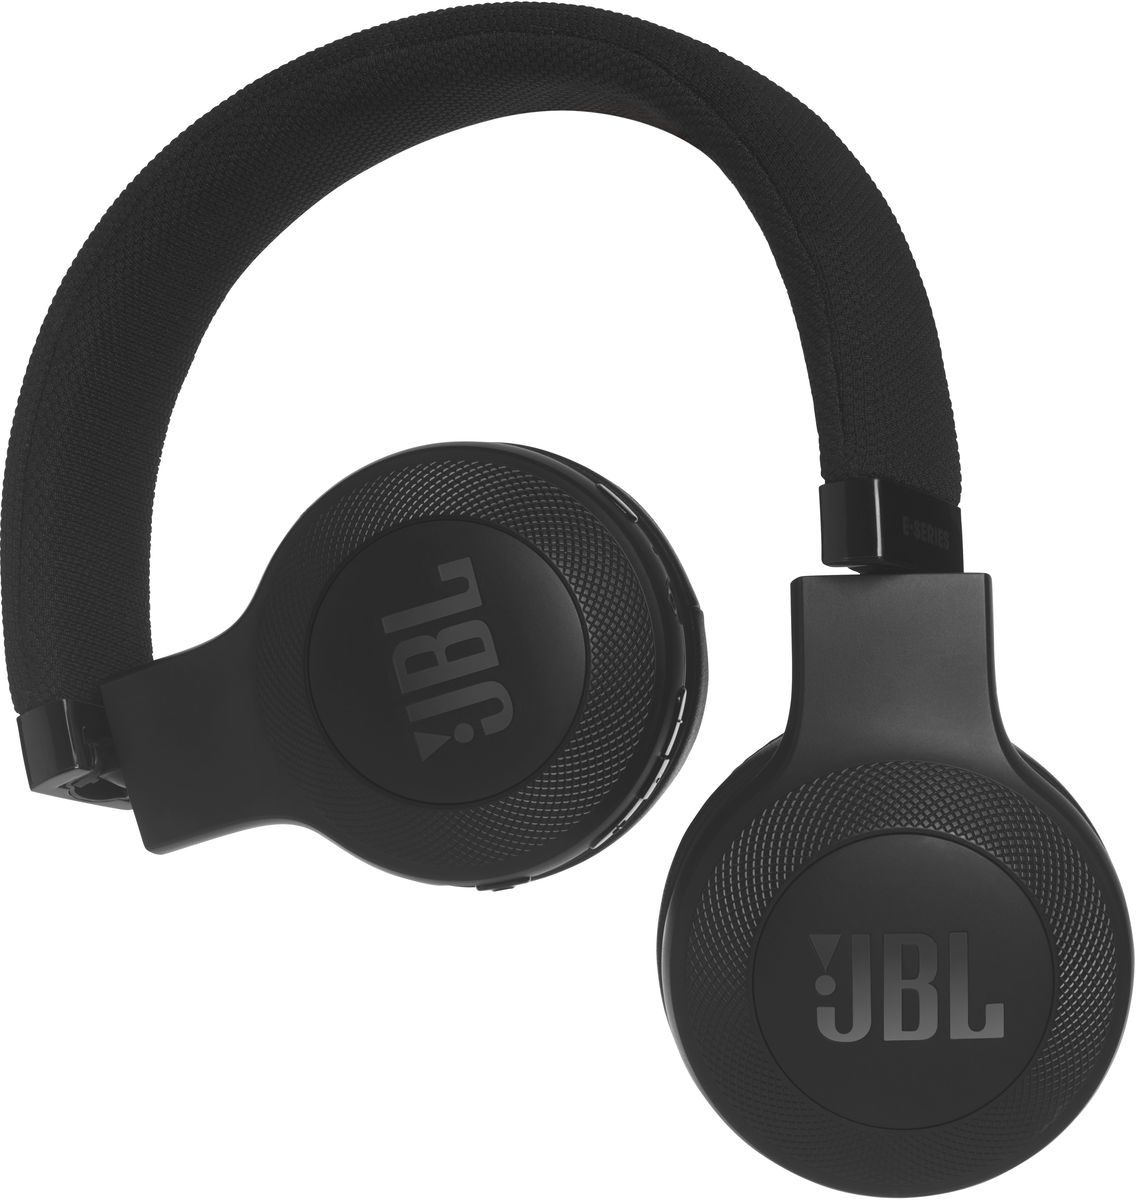 JBL E45BT, Black беспроводные наушникиJBLE45BTBLKБеспроводные накладные наушники JBL E45BT доставят легендарный звук JBL прямо вам в уши. E45BT — одна из наиболее универсальных моделей, отличающаяся длительной работой от аккумулятора (до 16 часов), инновационным, стильным оголовьем с тканевой отделкой и эргономичным накладным дизайном. Это значит, что вы можете не расставаться с любимой музыкой и получать дополнительное удовольствие, где бы вы ни были — на работе, в транспорте или просто в городе. Вы можете с легкостью переключаться с прослушивания музыки на своем портативном устройстве на прием телефонного вызова, чтобы никогда не пропускать звонки. Благодаря элегантному внешнему виду, различным цветам и дополнительному удобству съемного кабеля с пультом управления и микрофоном вам никогда не захочется расставаться с наушниками E45BT. Они привнесут в вашу жизнь яркость и удовольствие.